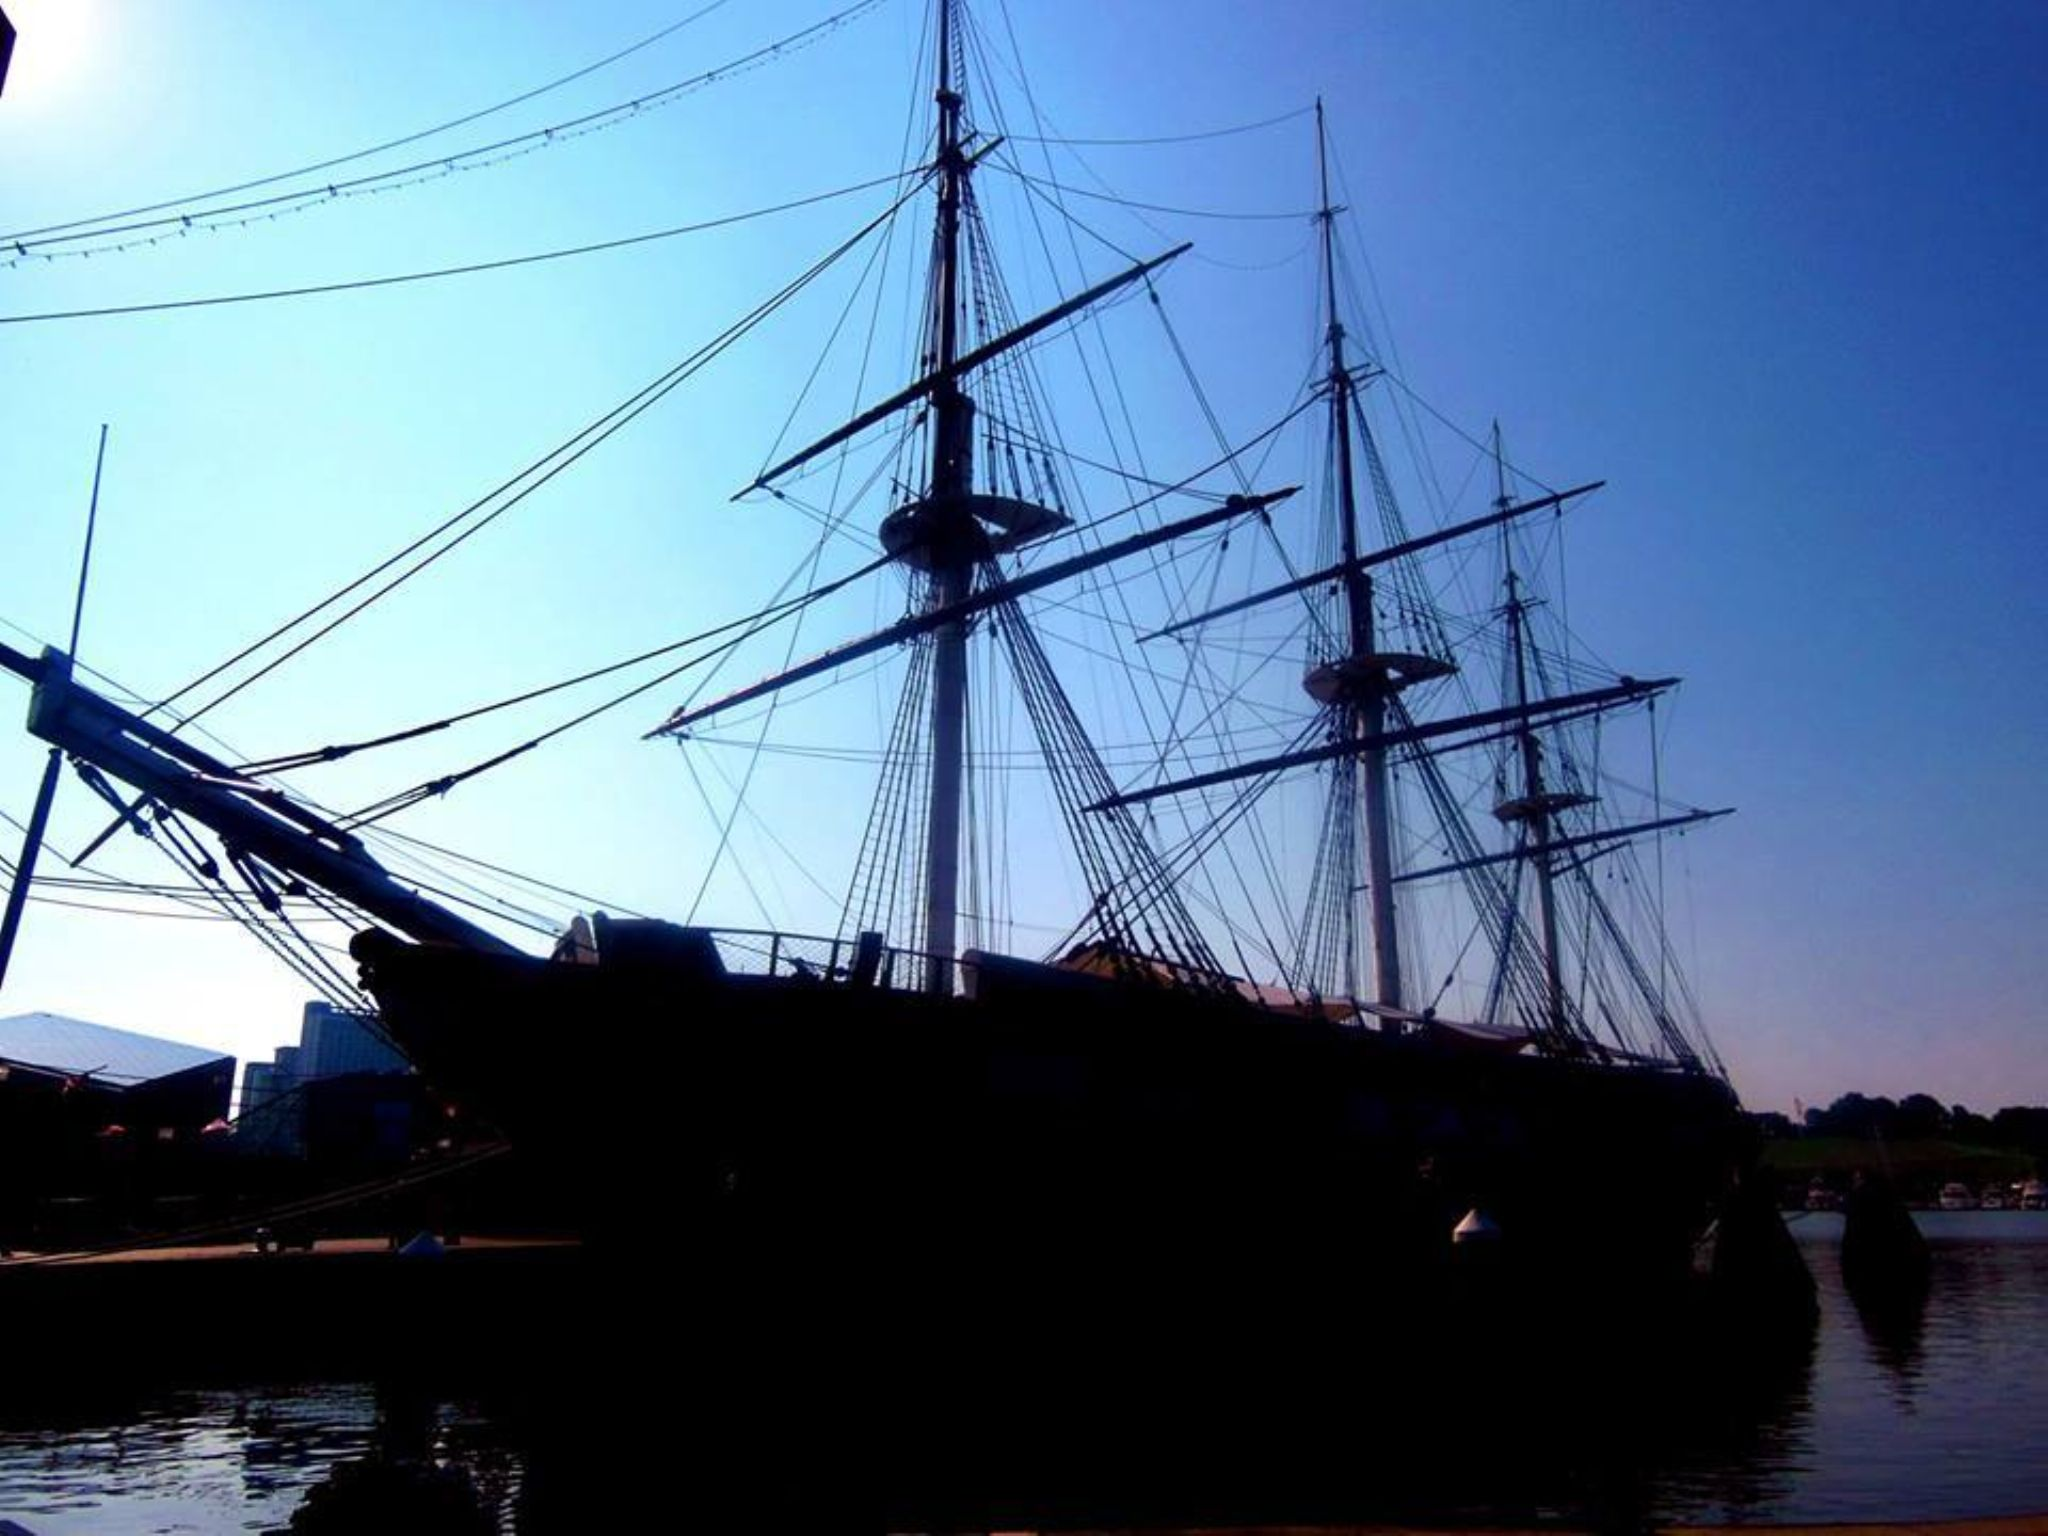 Ship by courtney.doxzon